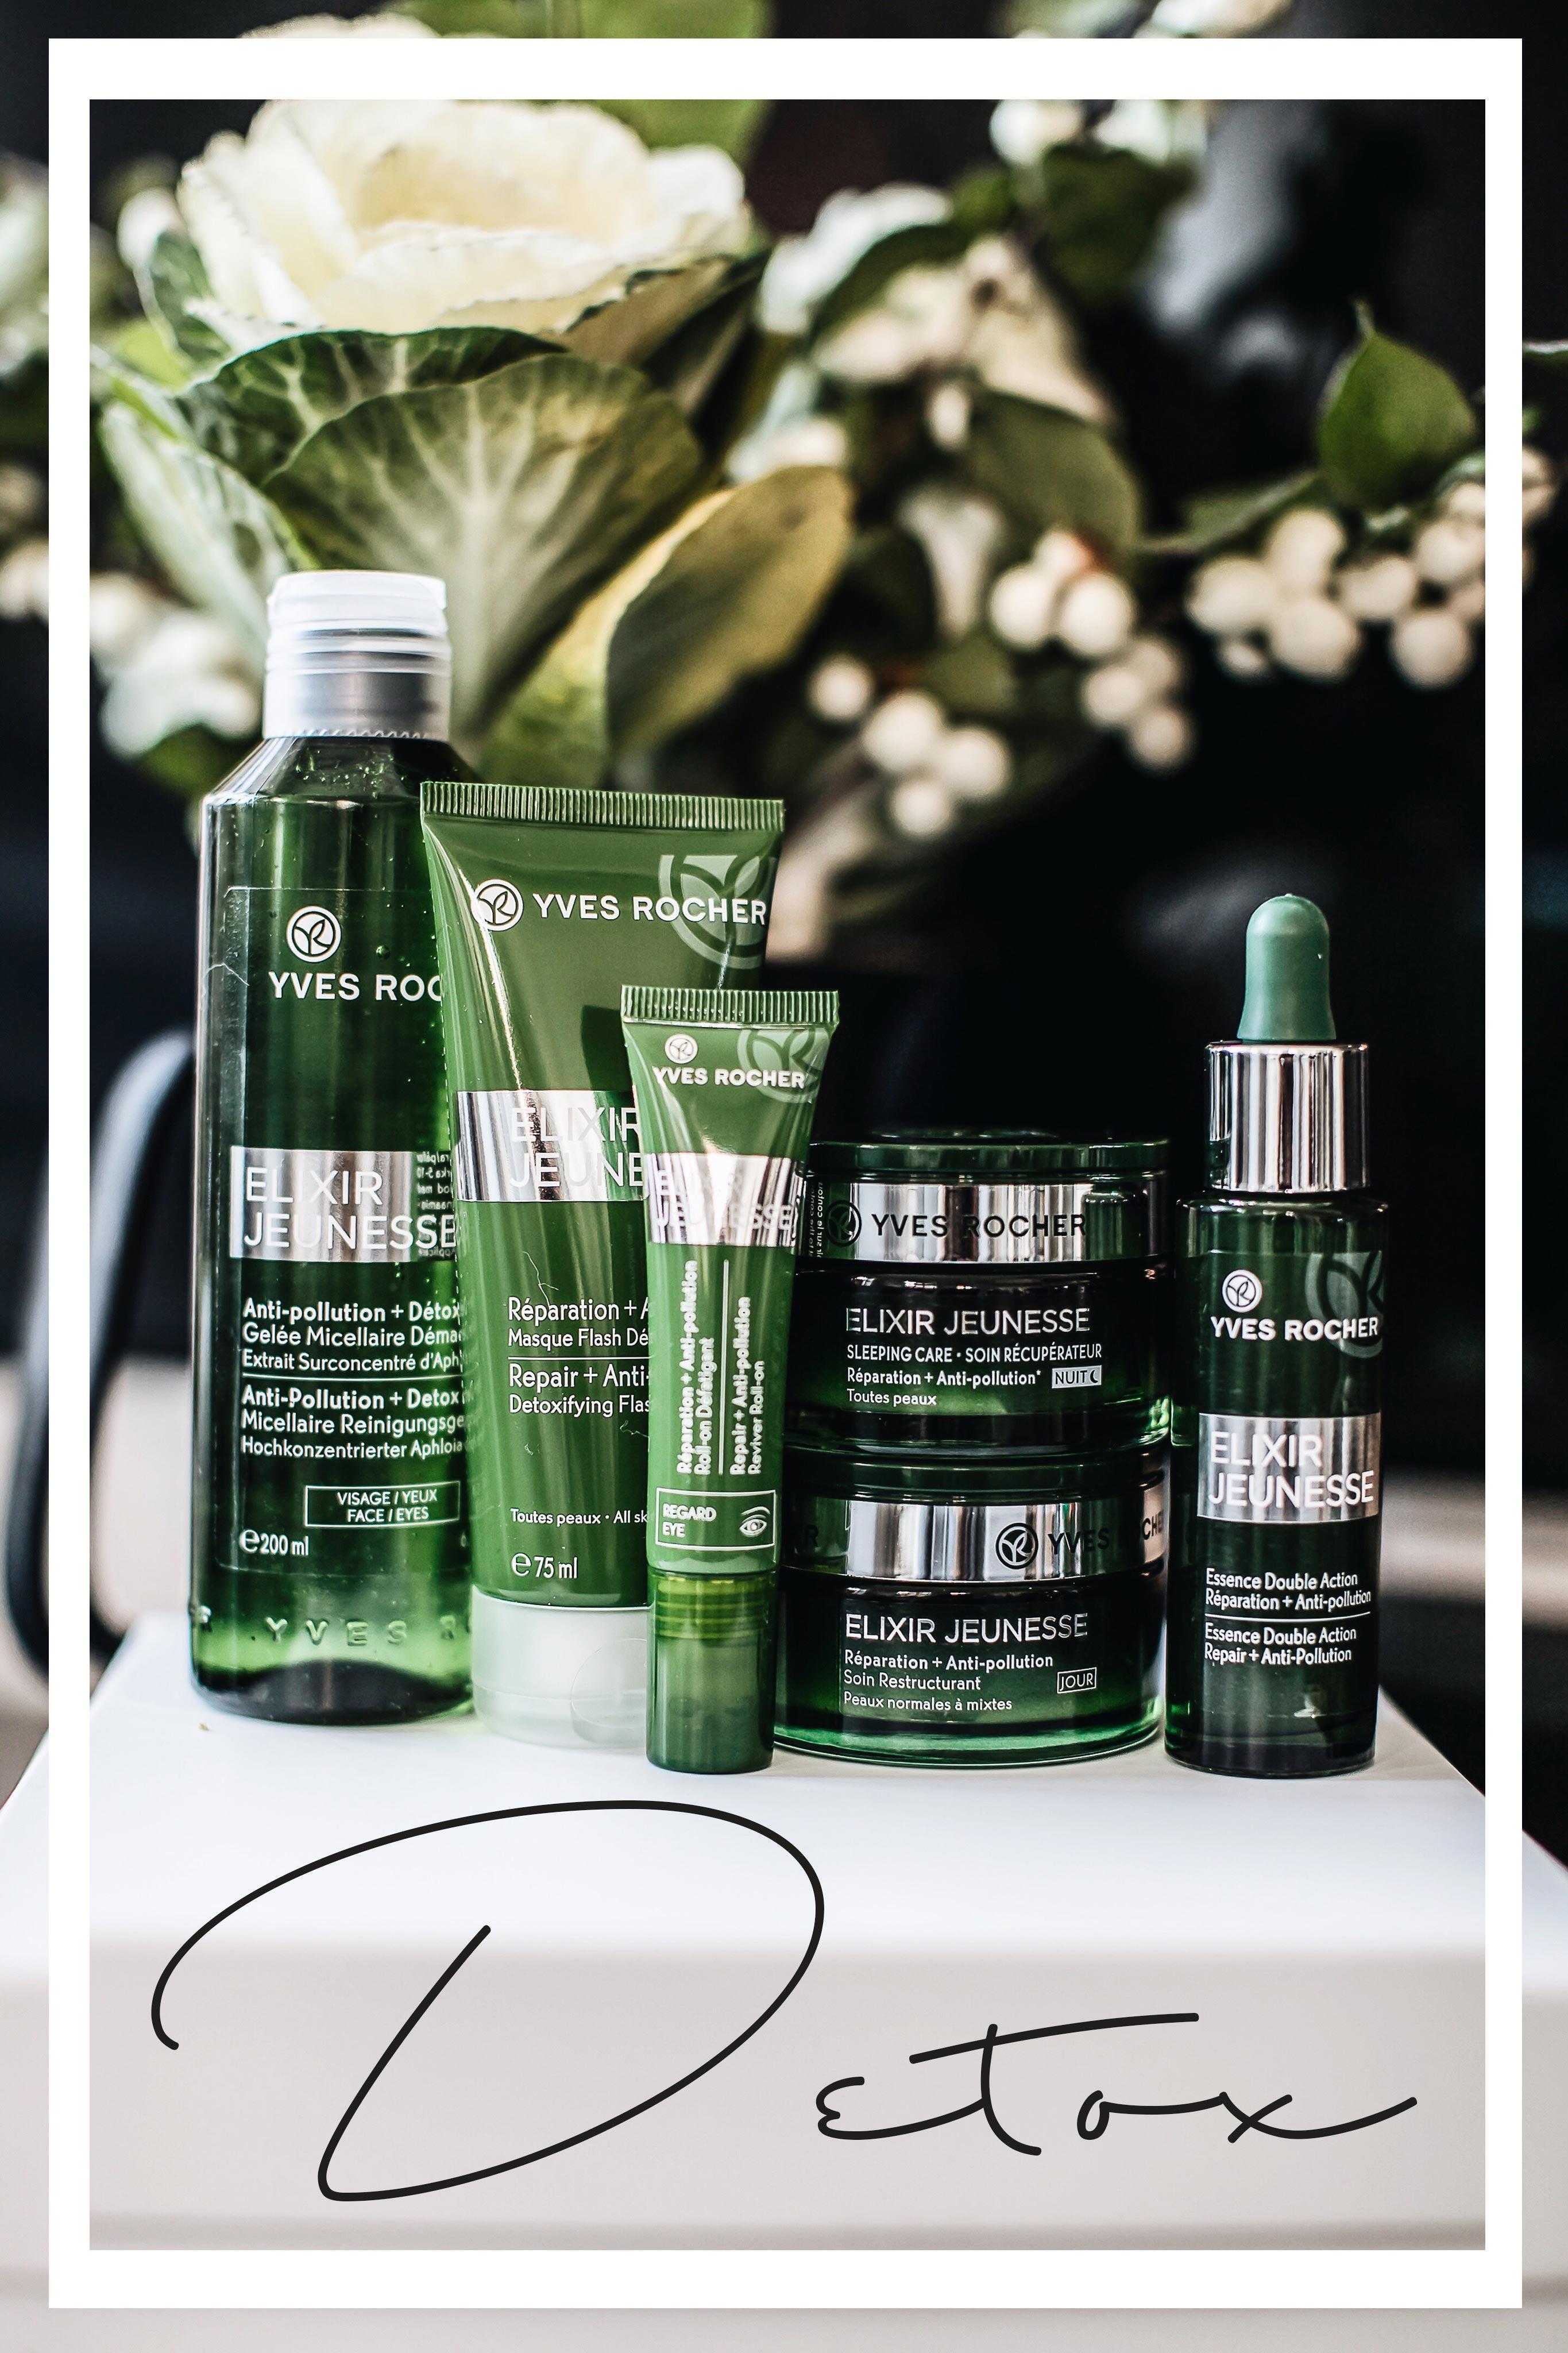 Elixir Jeunesse Serie von Yves Rocher für schöne Haut Detox